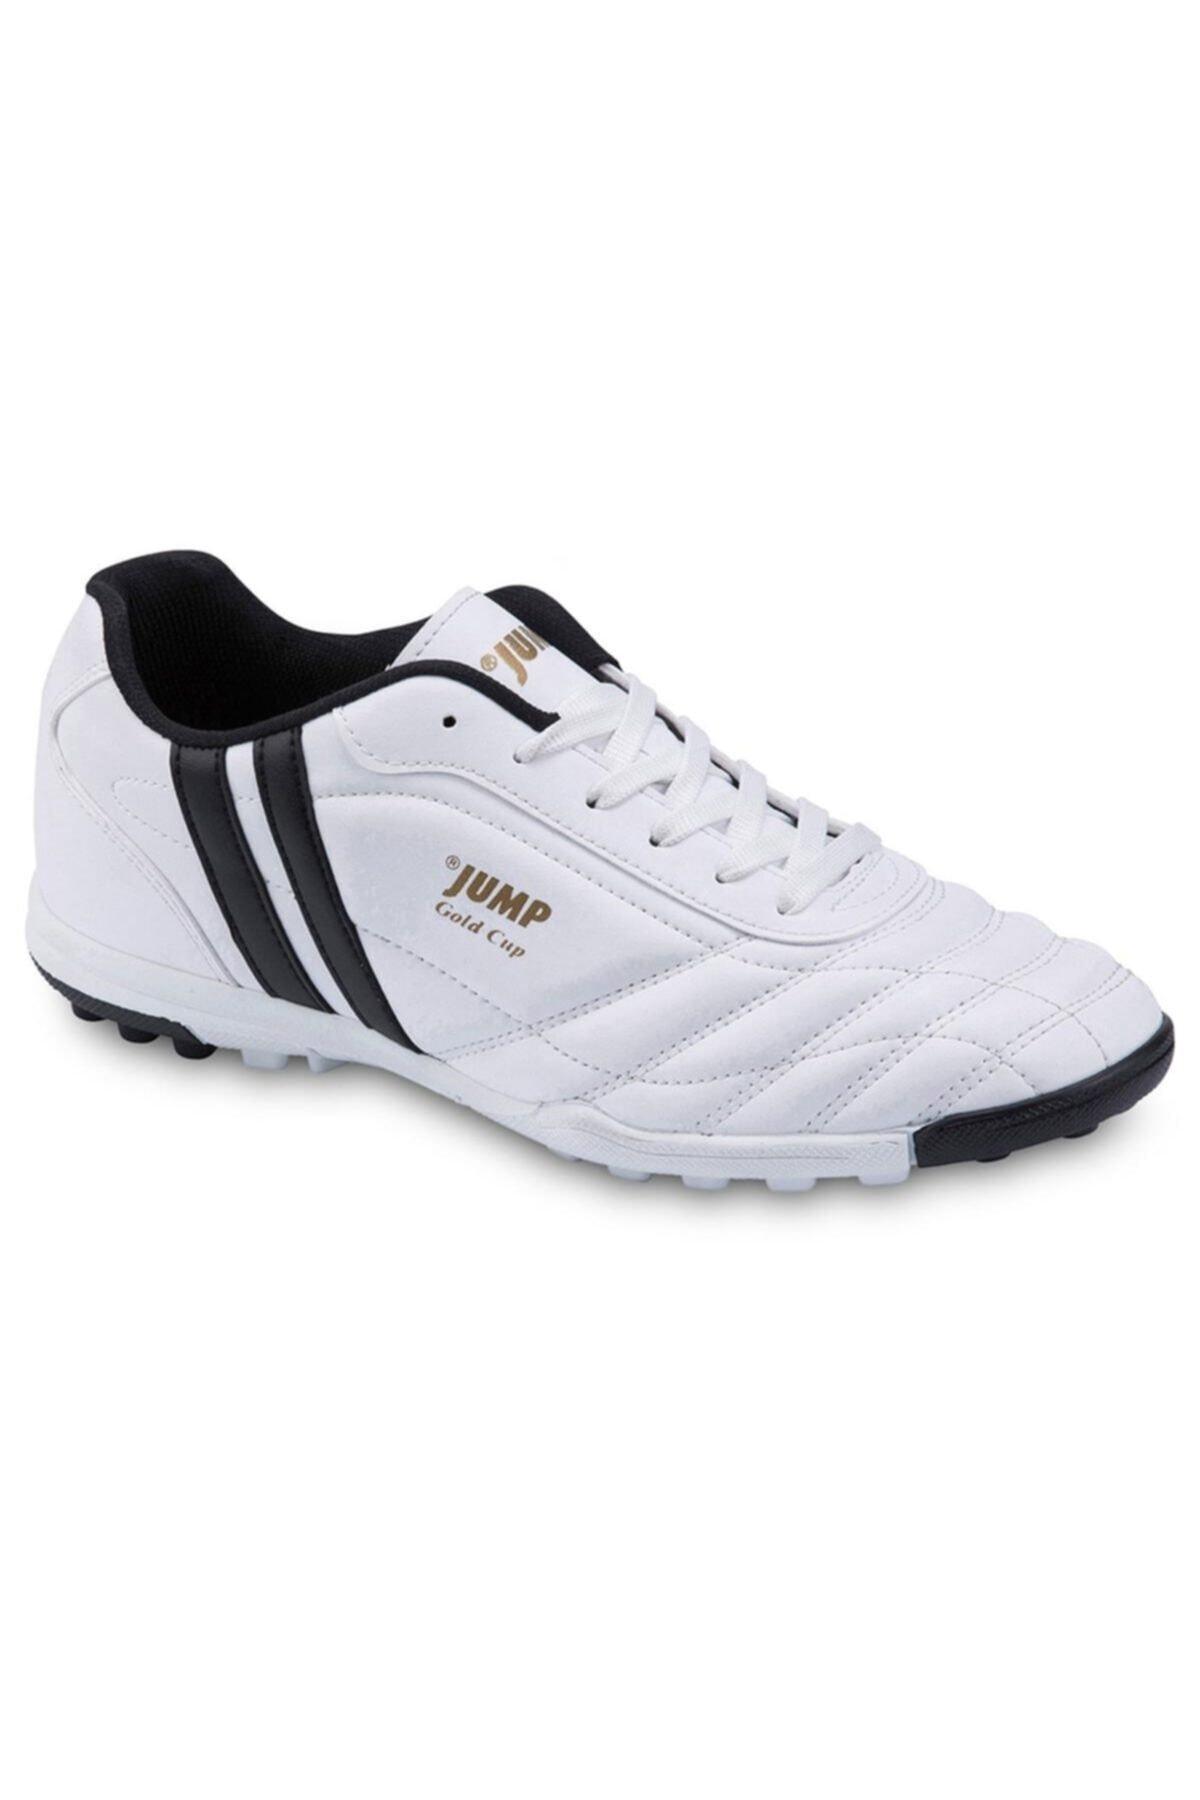 Erkek Halı Saha Ayakkabısı 13258 Beyaz/white 10s0413258